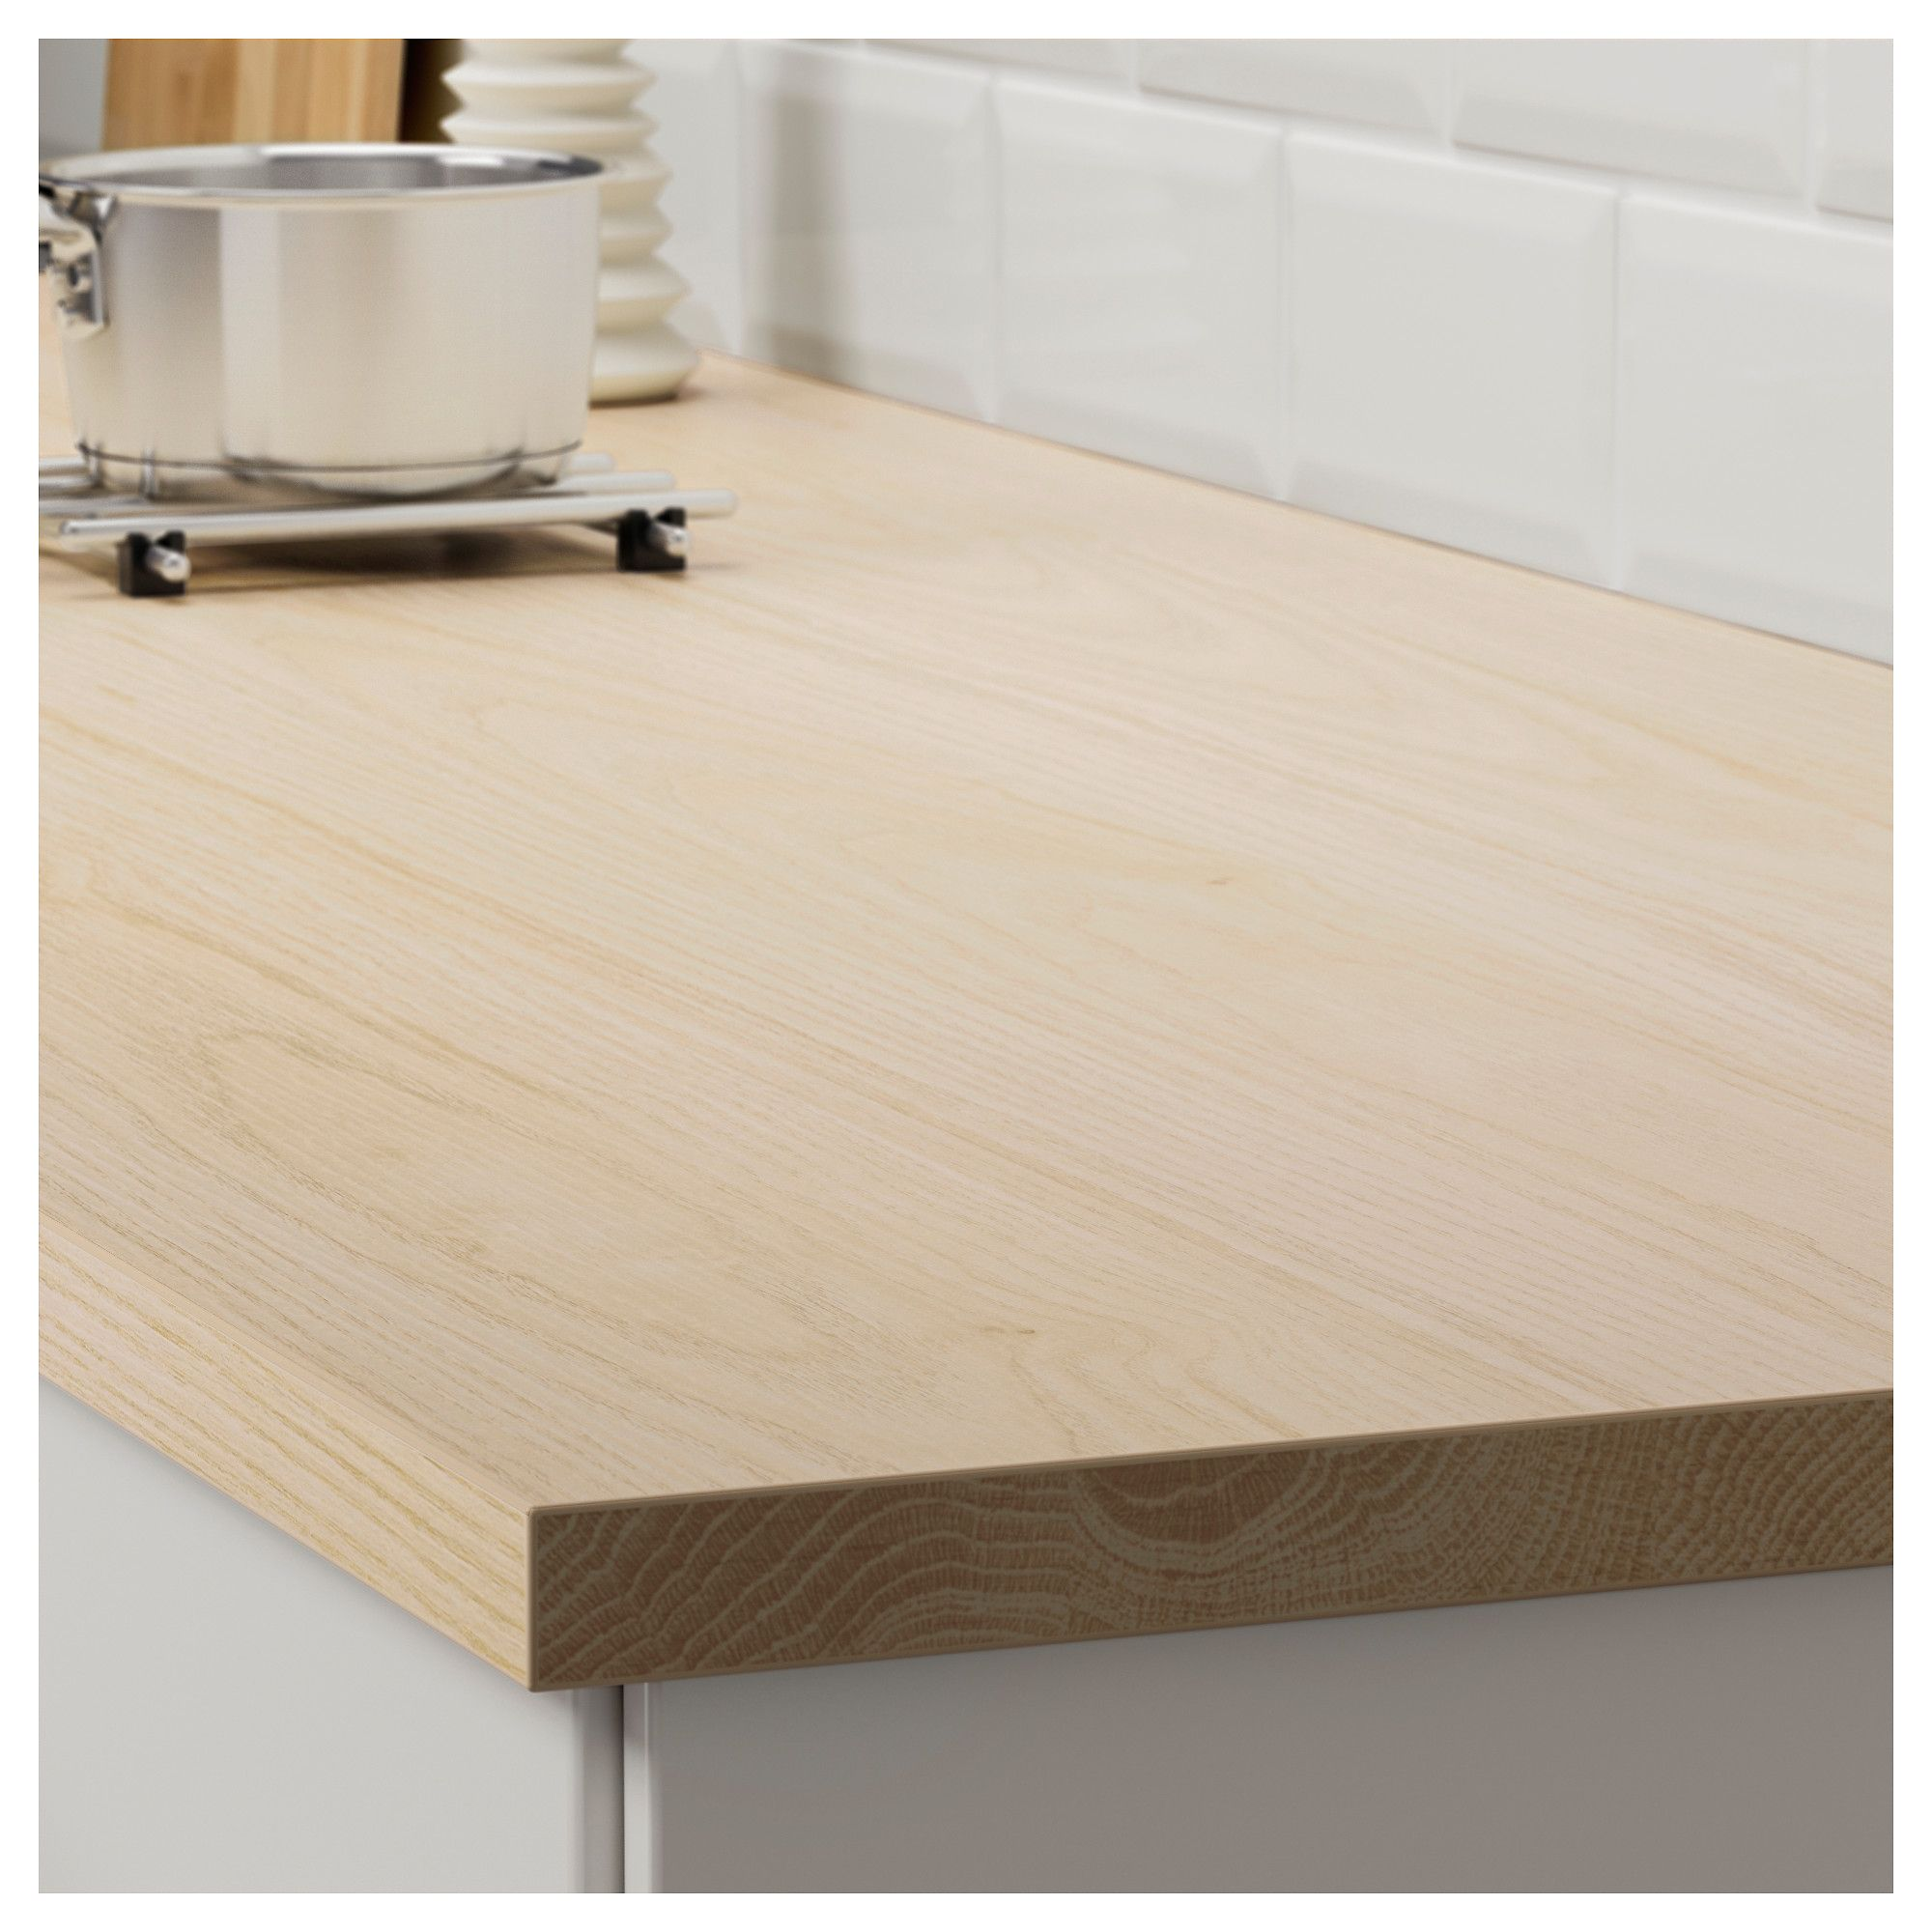 Ekbacken Countertop Ash Effect Laminate Shop Ikea Ikea Countertops Wood Worktop Kitchen Worktop